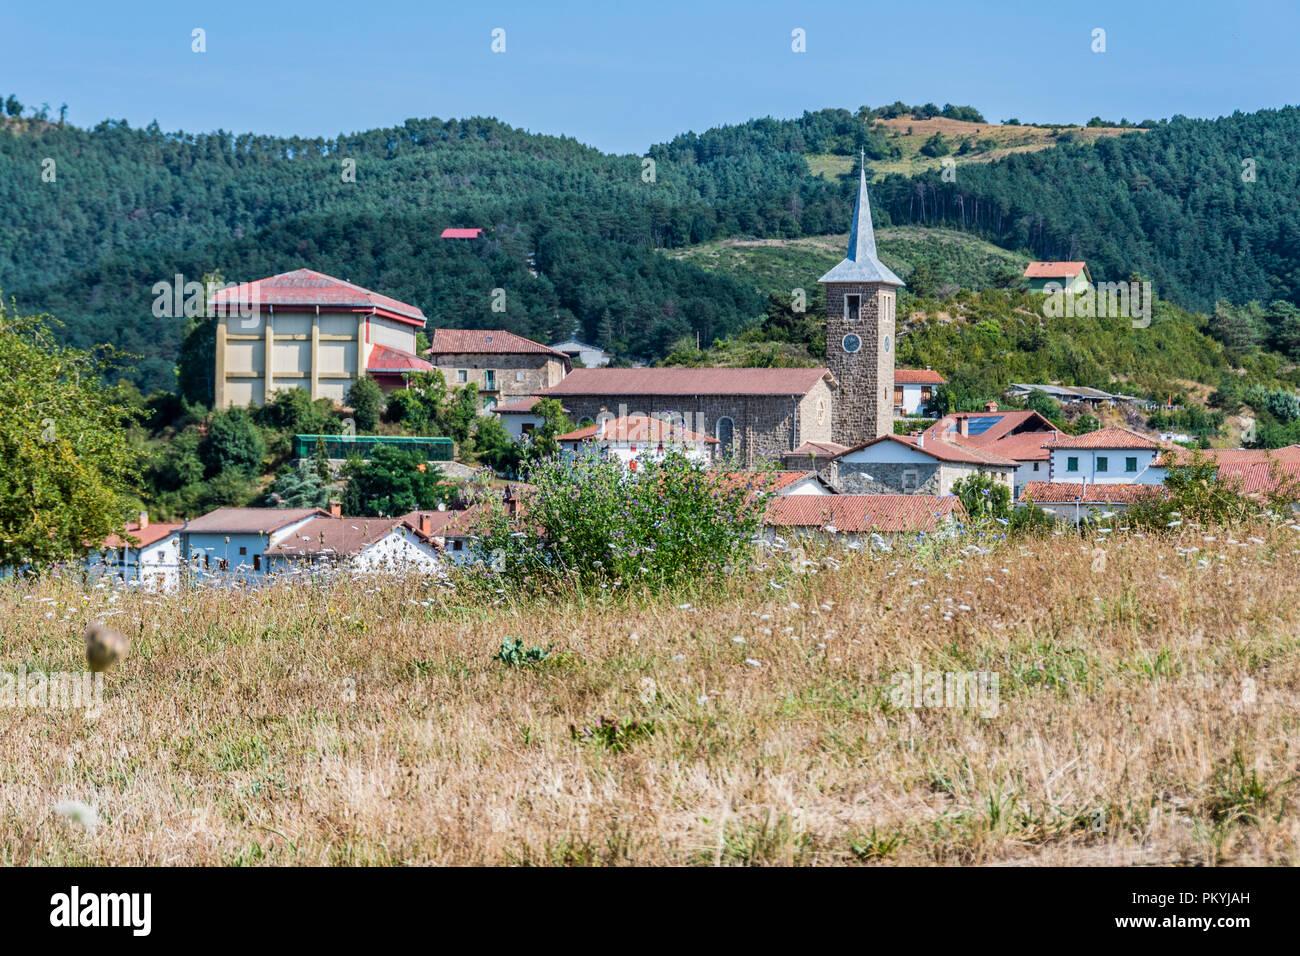 Dans le paysage des Pyrénées navarraises vous pouvez voir le village Erro dans lequel le tour de la paroisse de San Esteban se distingue. Navarre, Espagne Photo Stock